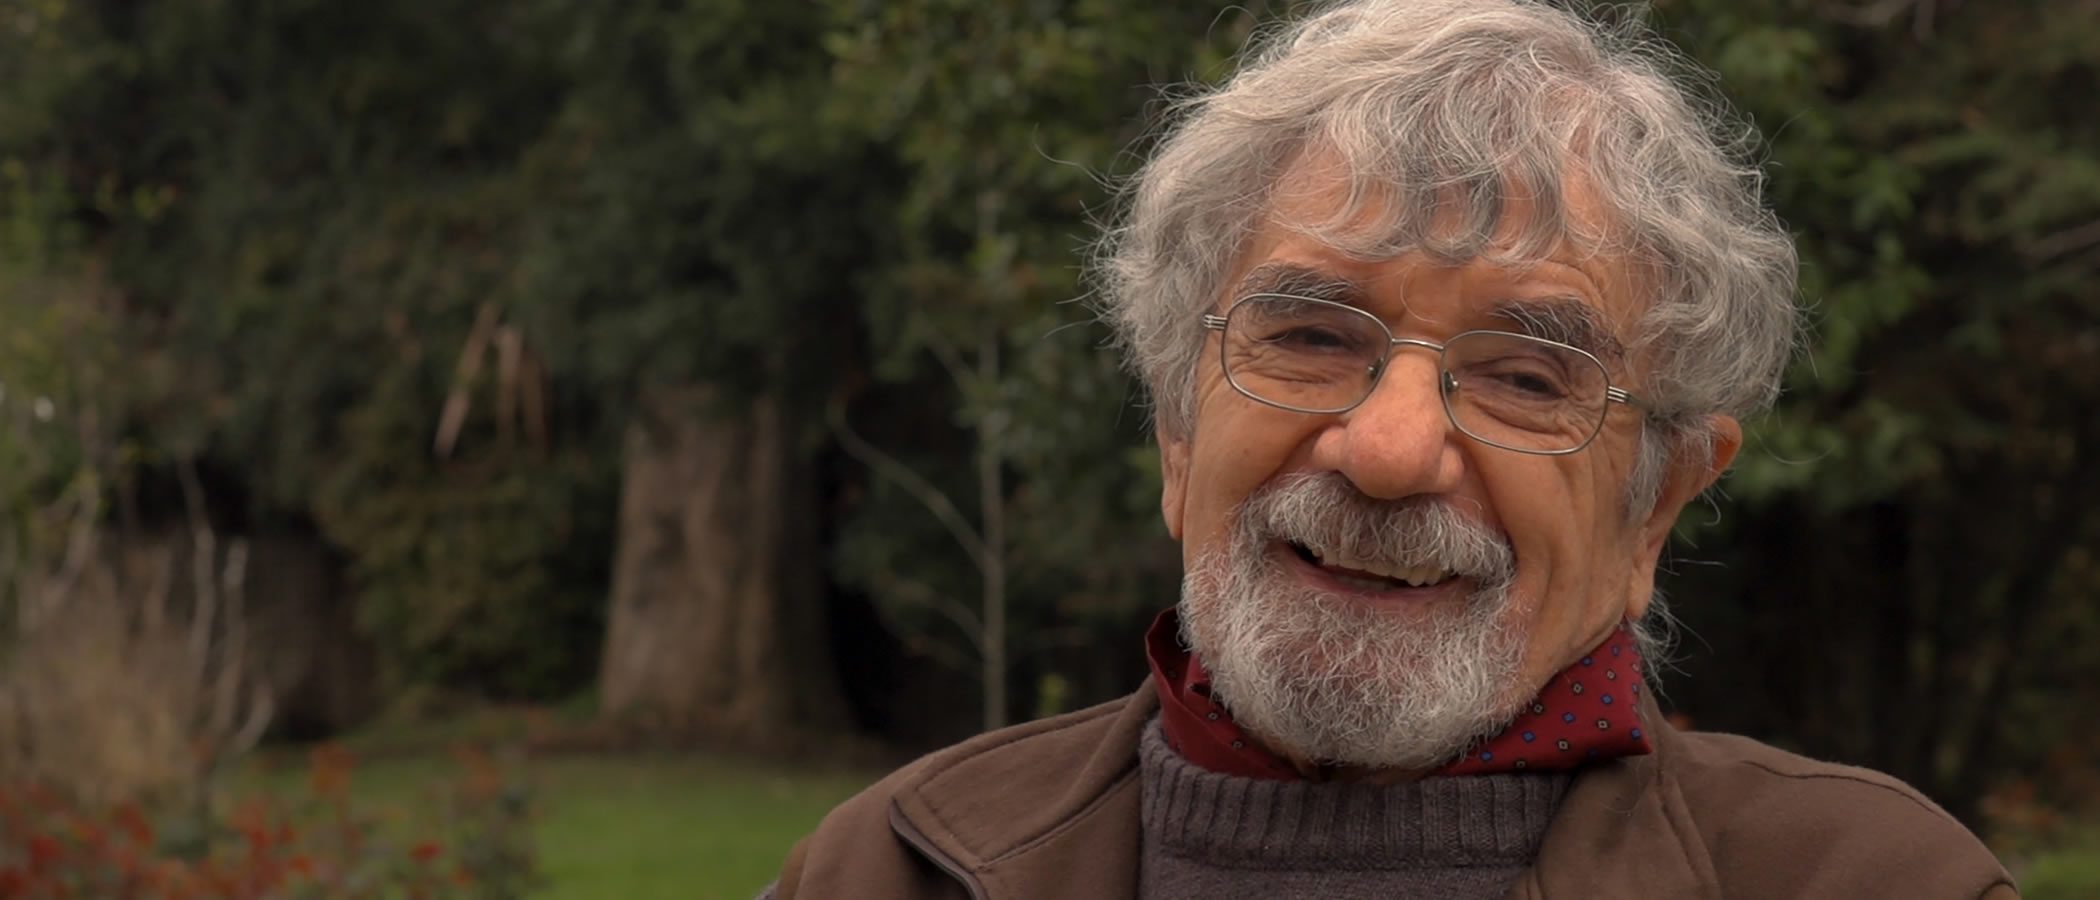 A los 92 años fallece Humberto Maturana, Premio Nacional de Ciencias y creador del concepto de la autopoiesis